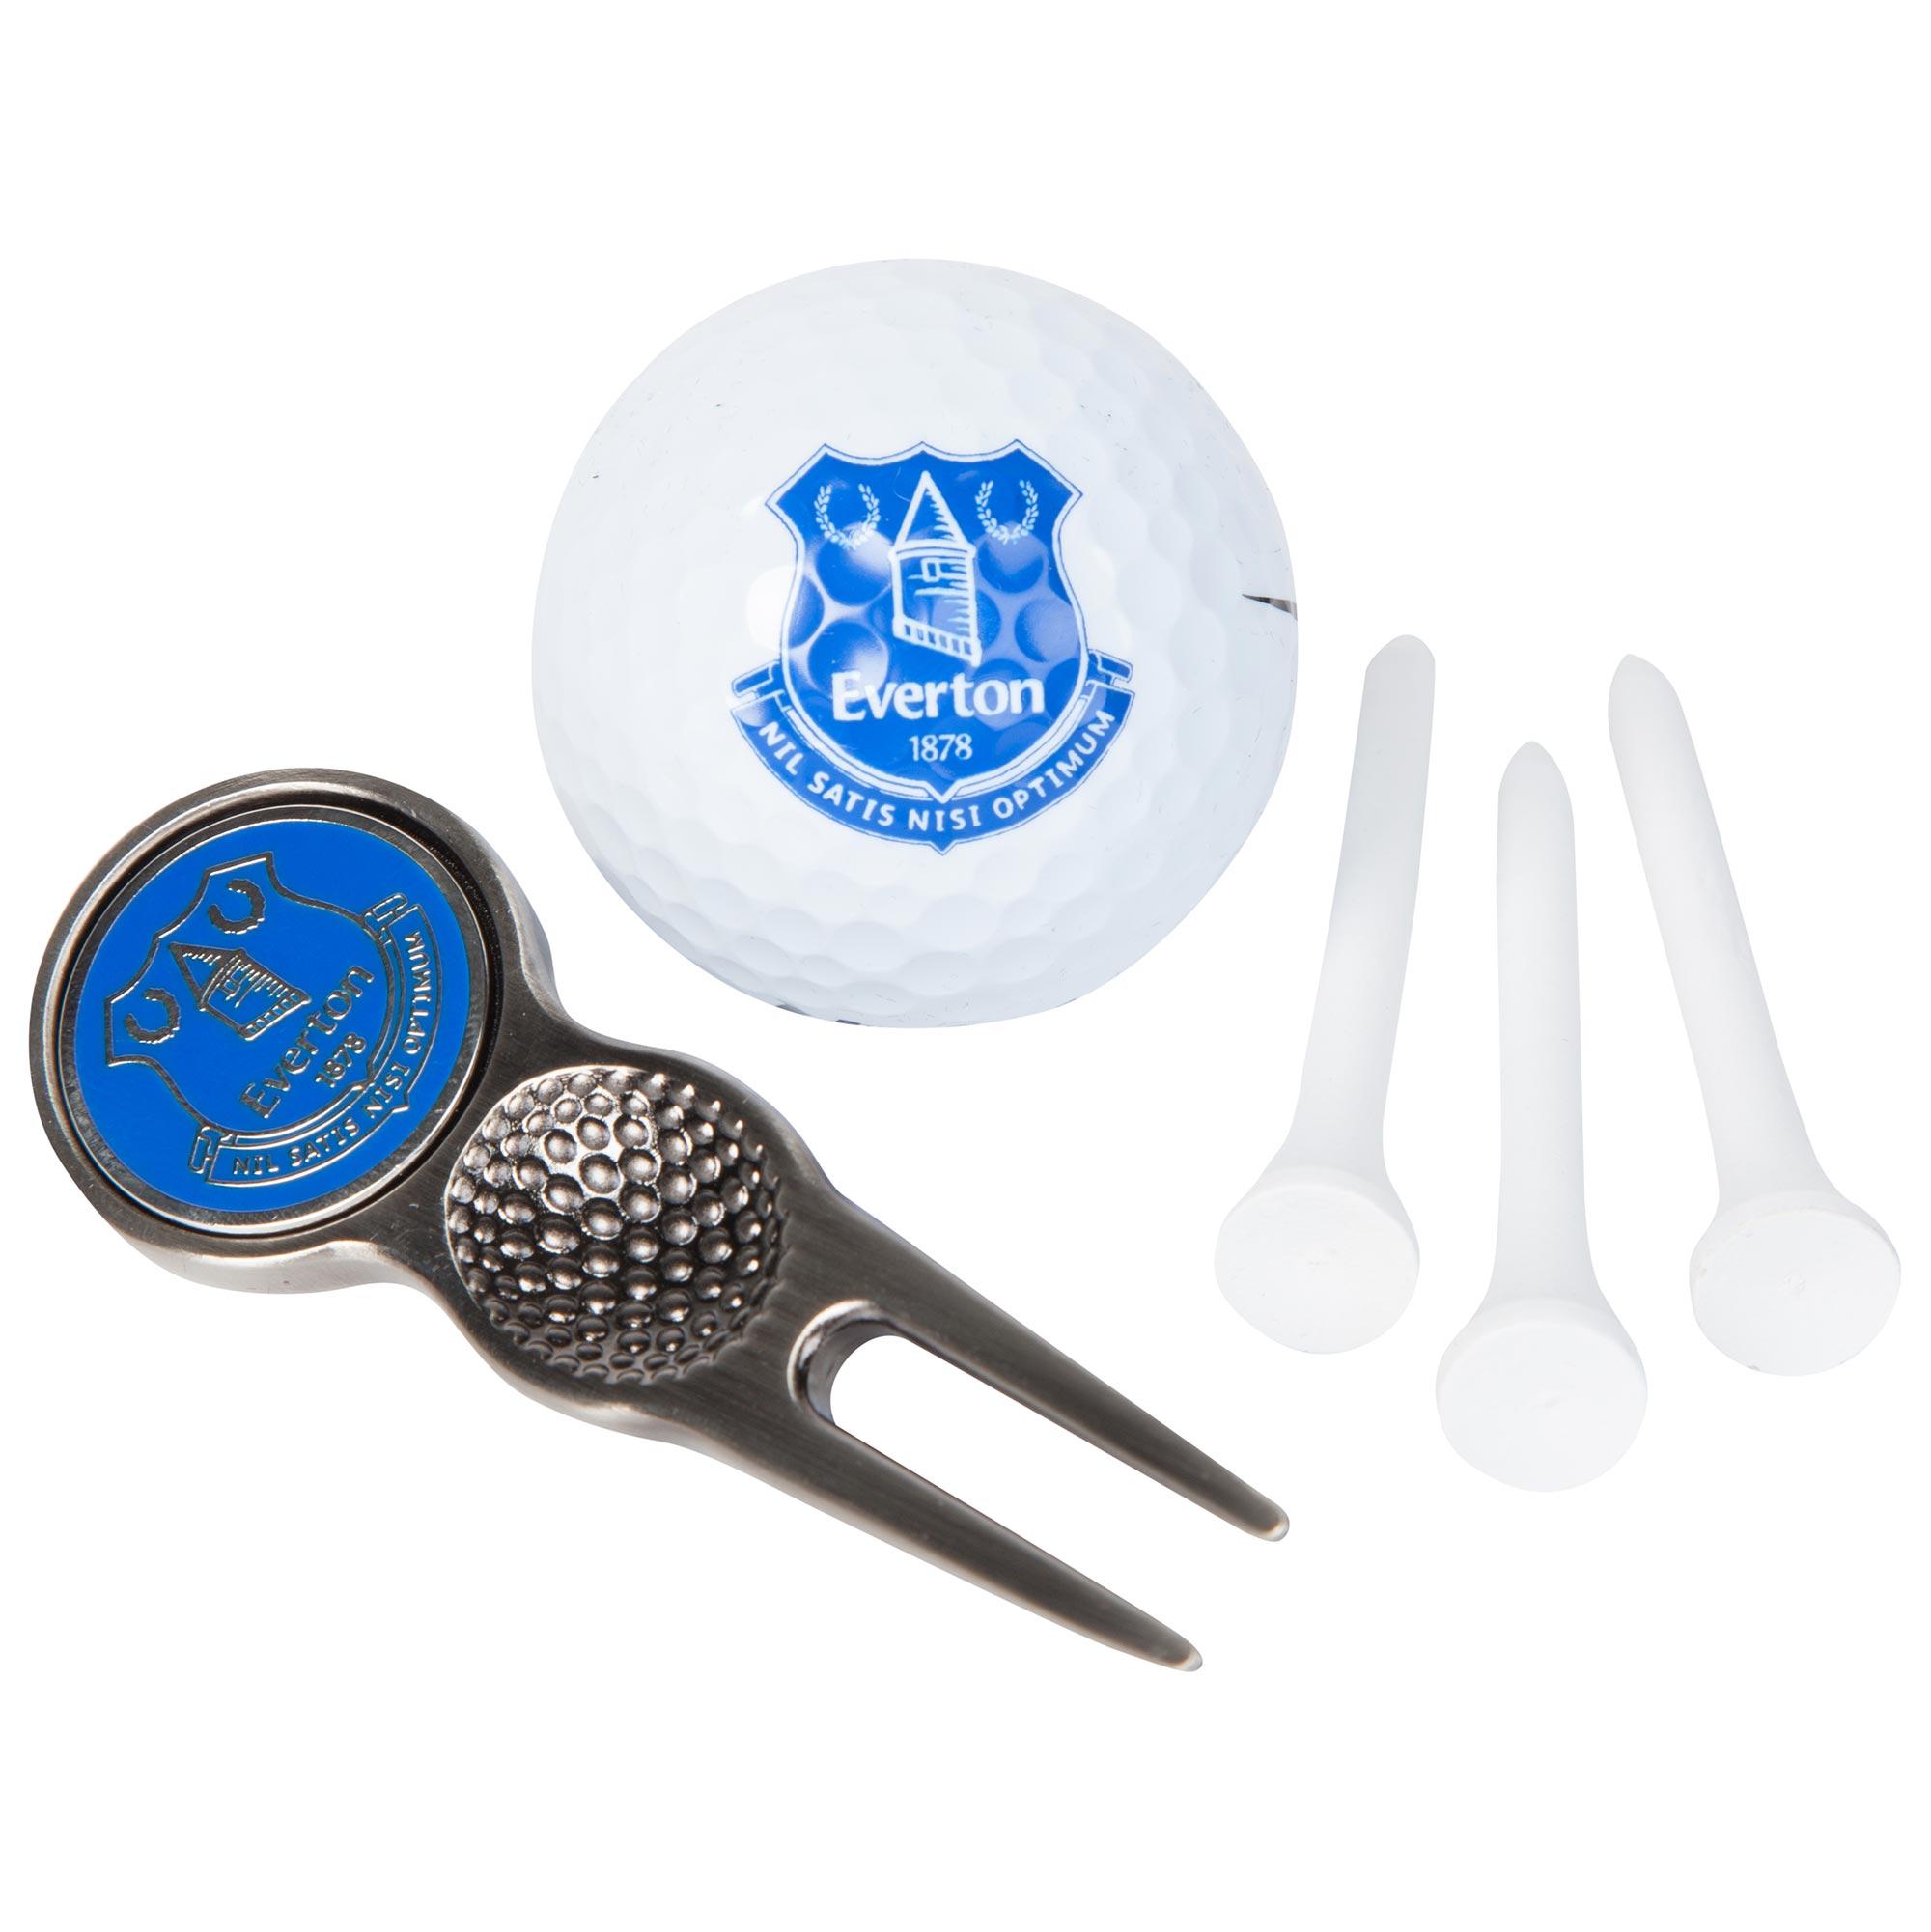 Everton Golf Gift Tube